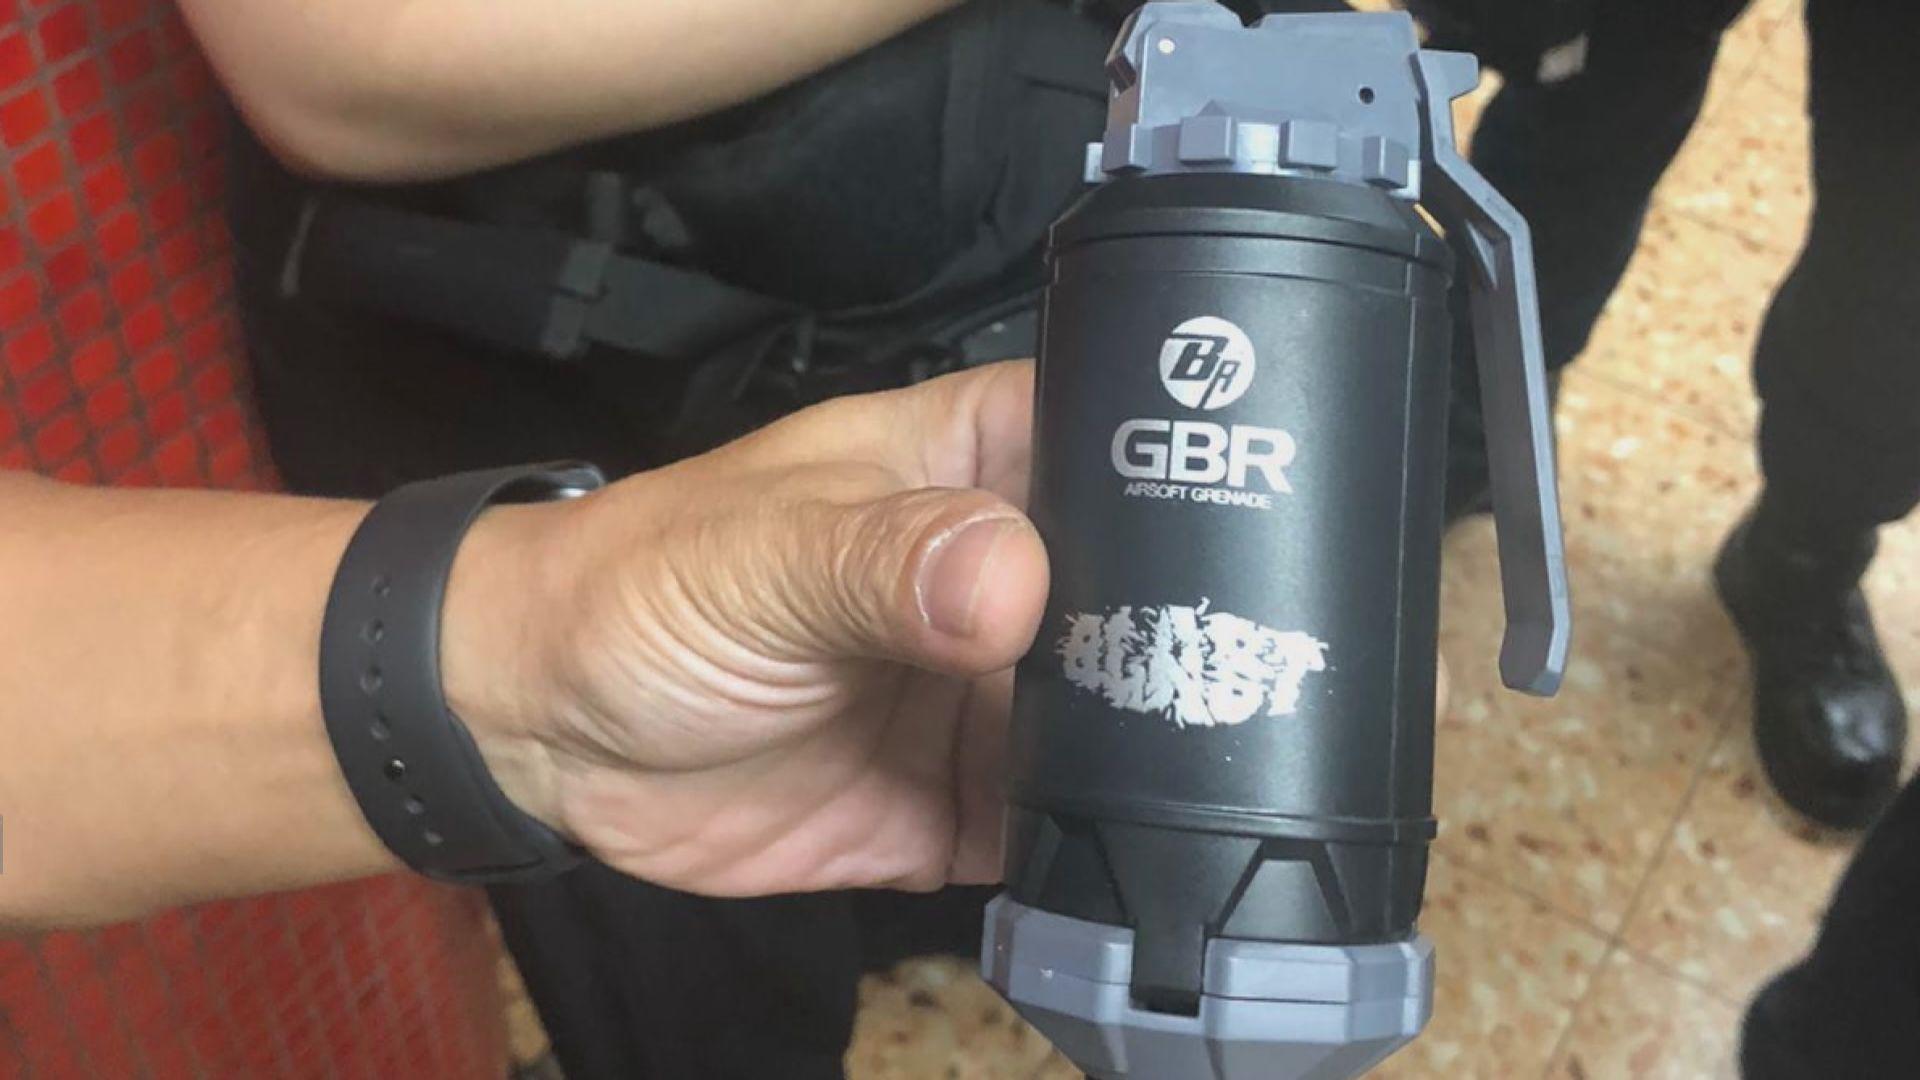 兩人於旺角被搜出氣槍及仿製手榴彈被捕